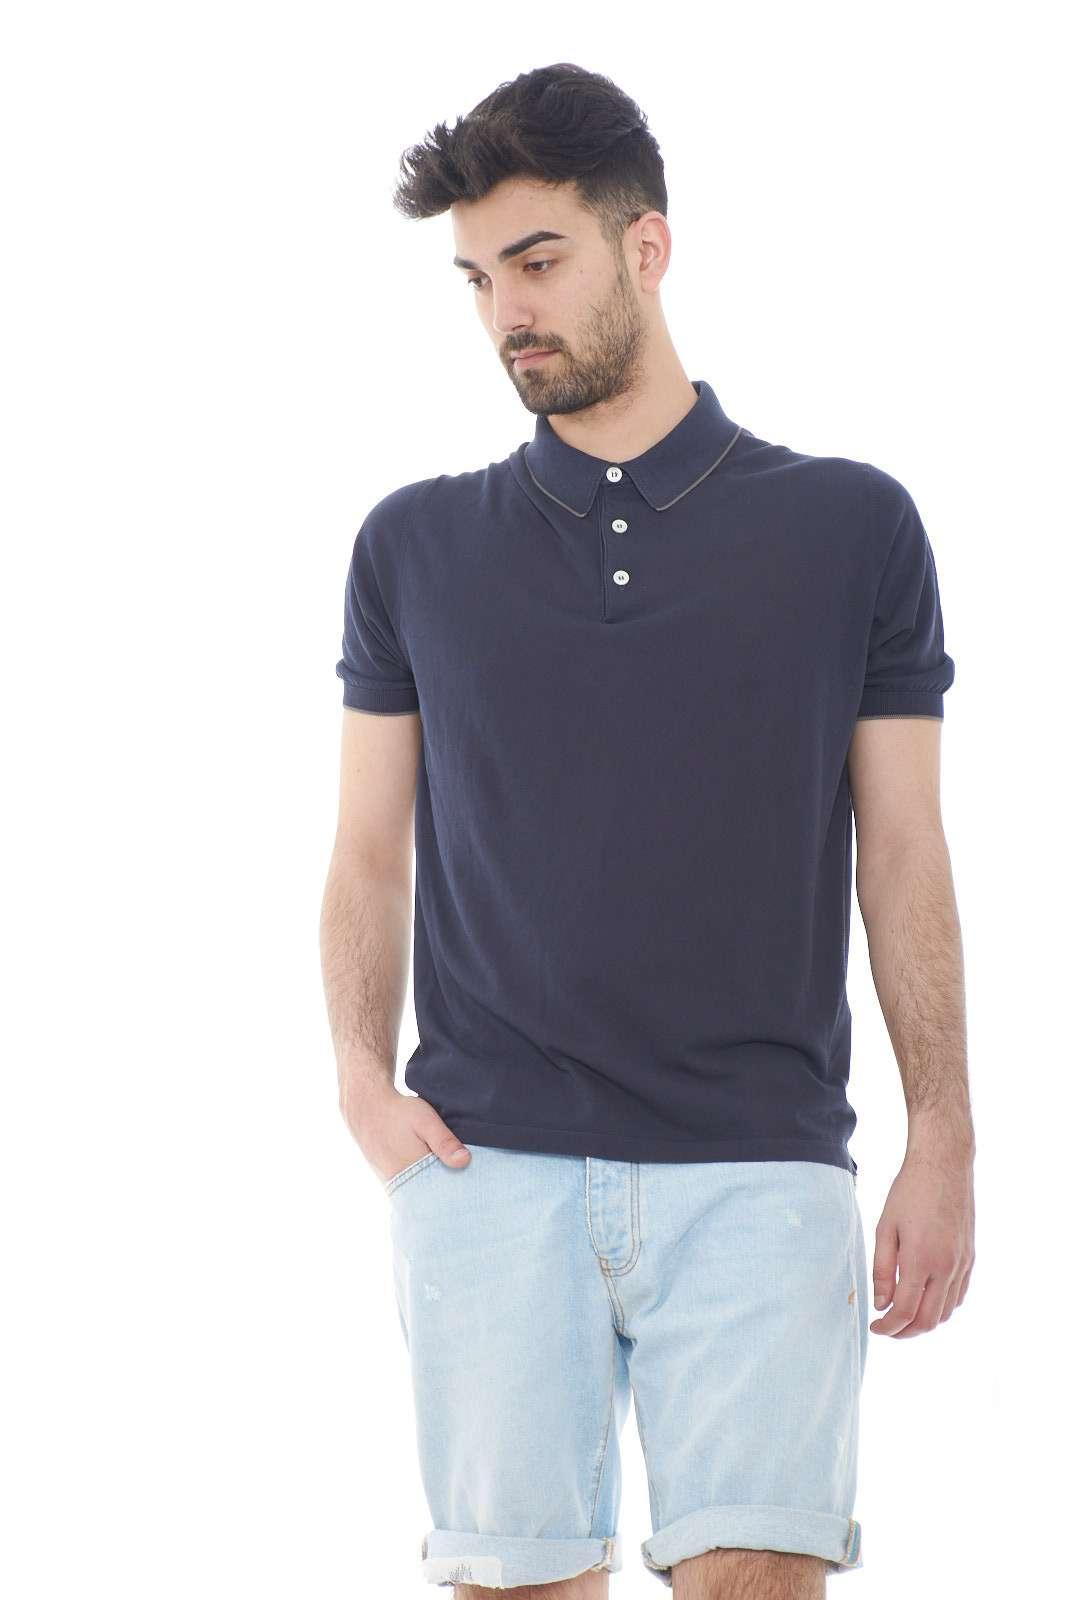 Una polo firmata Eleventy, con un look classico e casual. Da indossare in ogni occasione, grazie alla sua praticità e leggerezza. Da abbinare ad un jeans o un bermuda è perfetto.